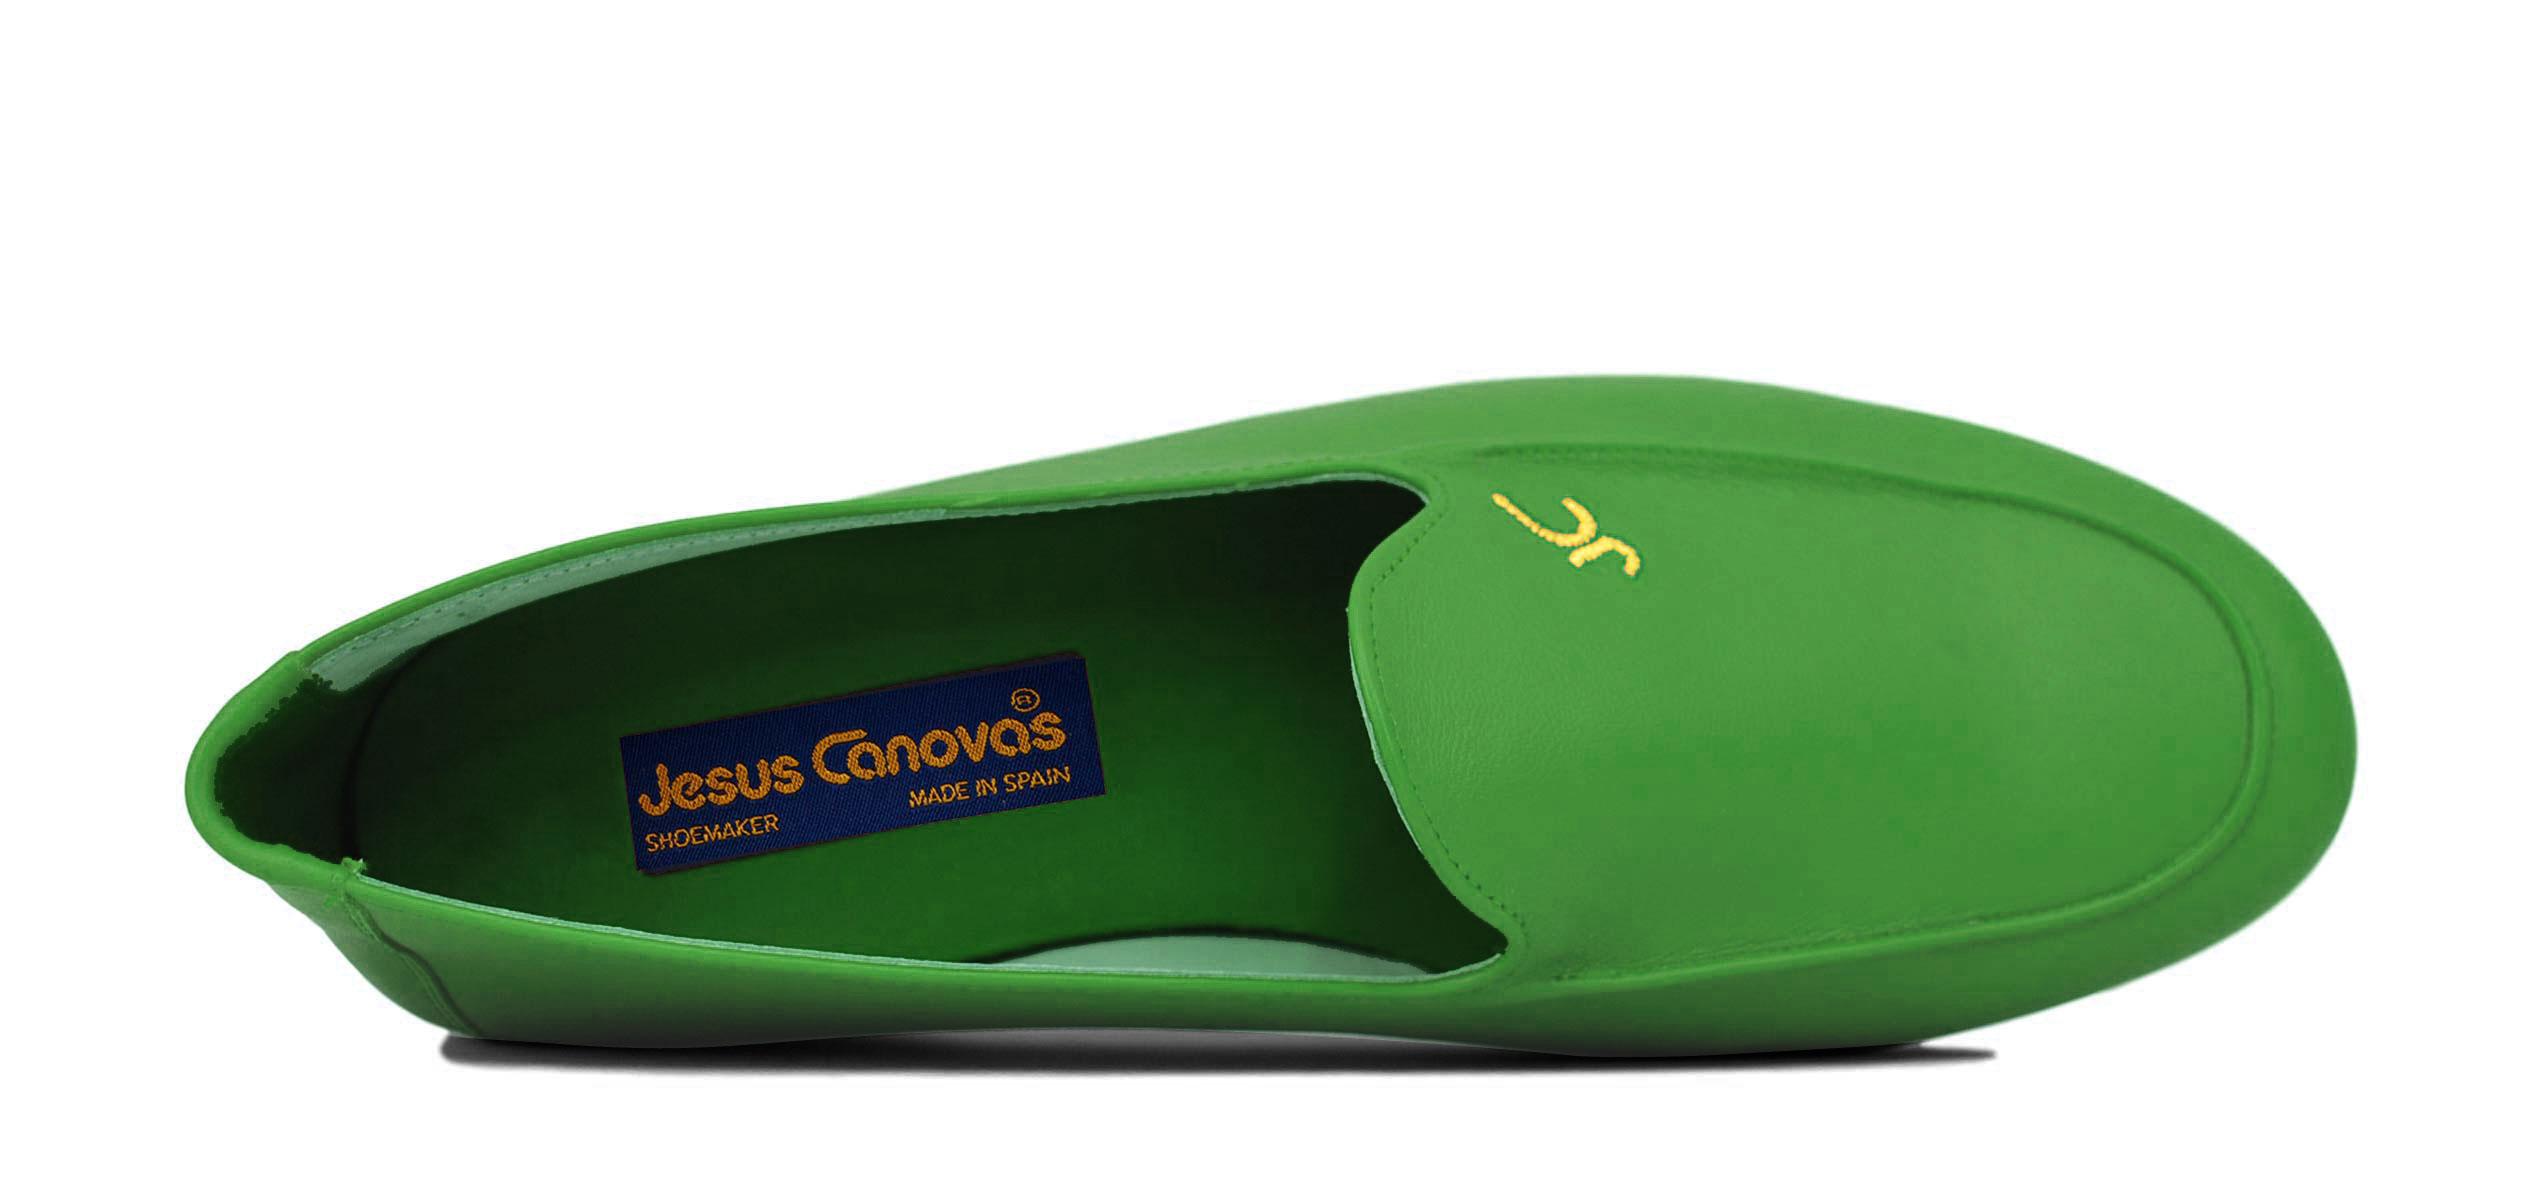 Foto 2 de Zapatos Julio Iglesias 528 JC Hierba Piel Napa